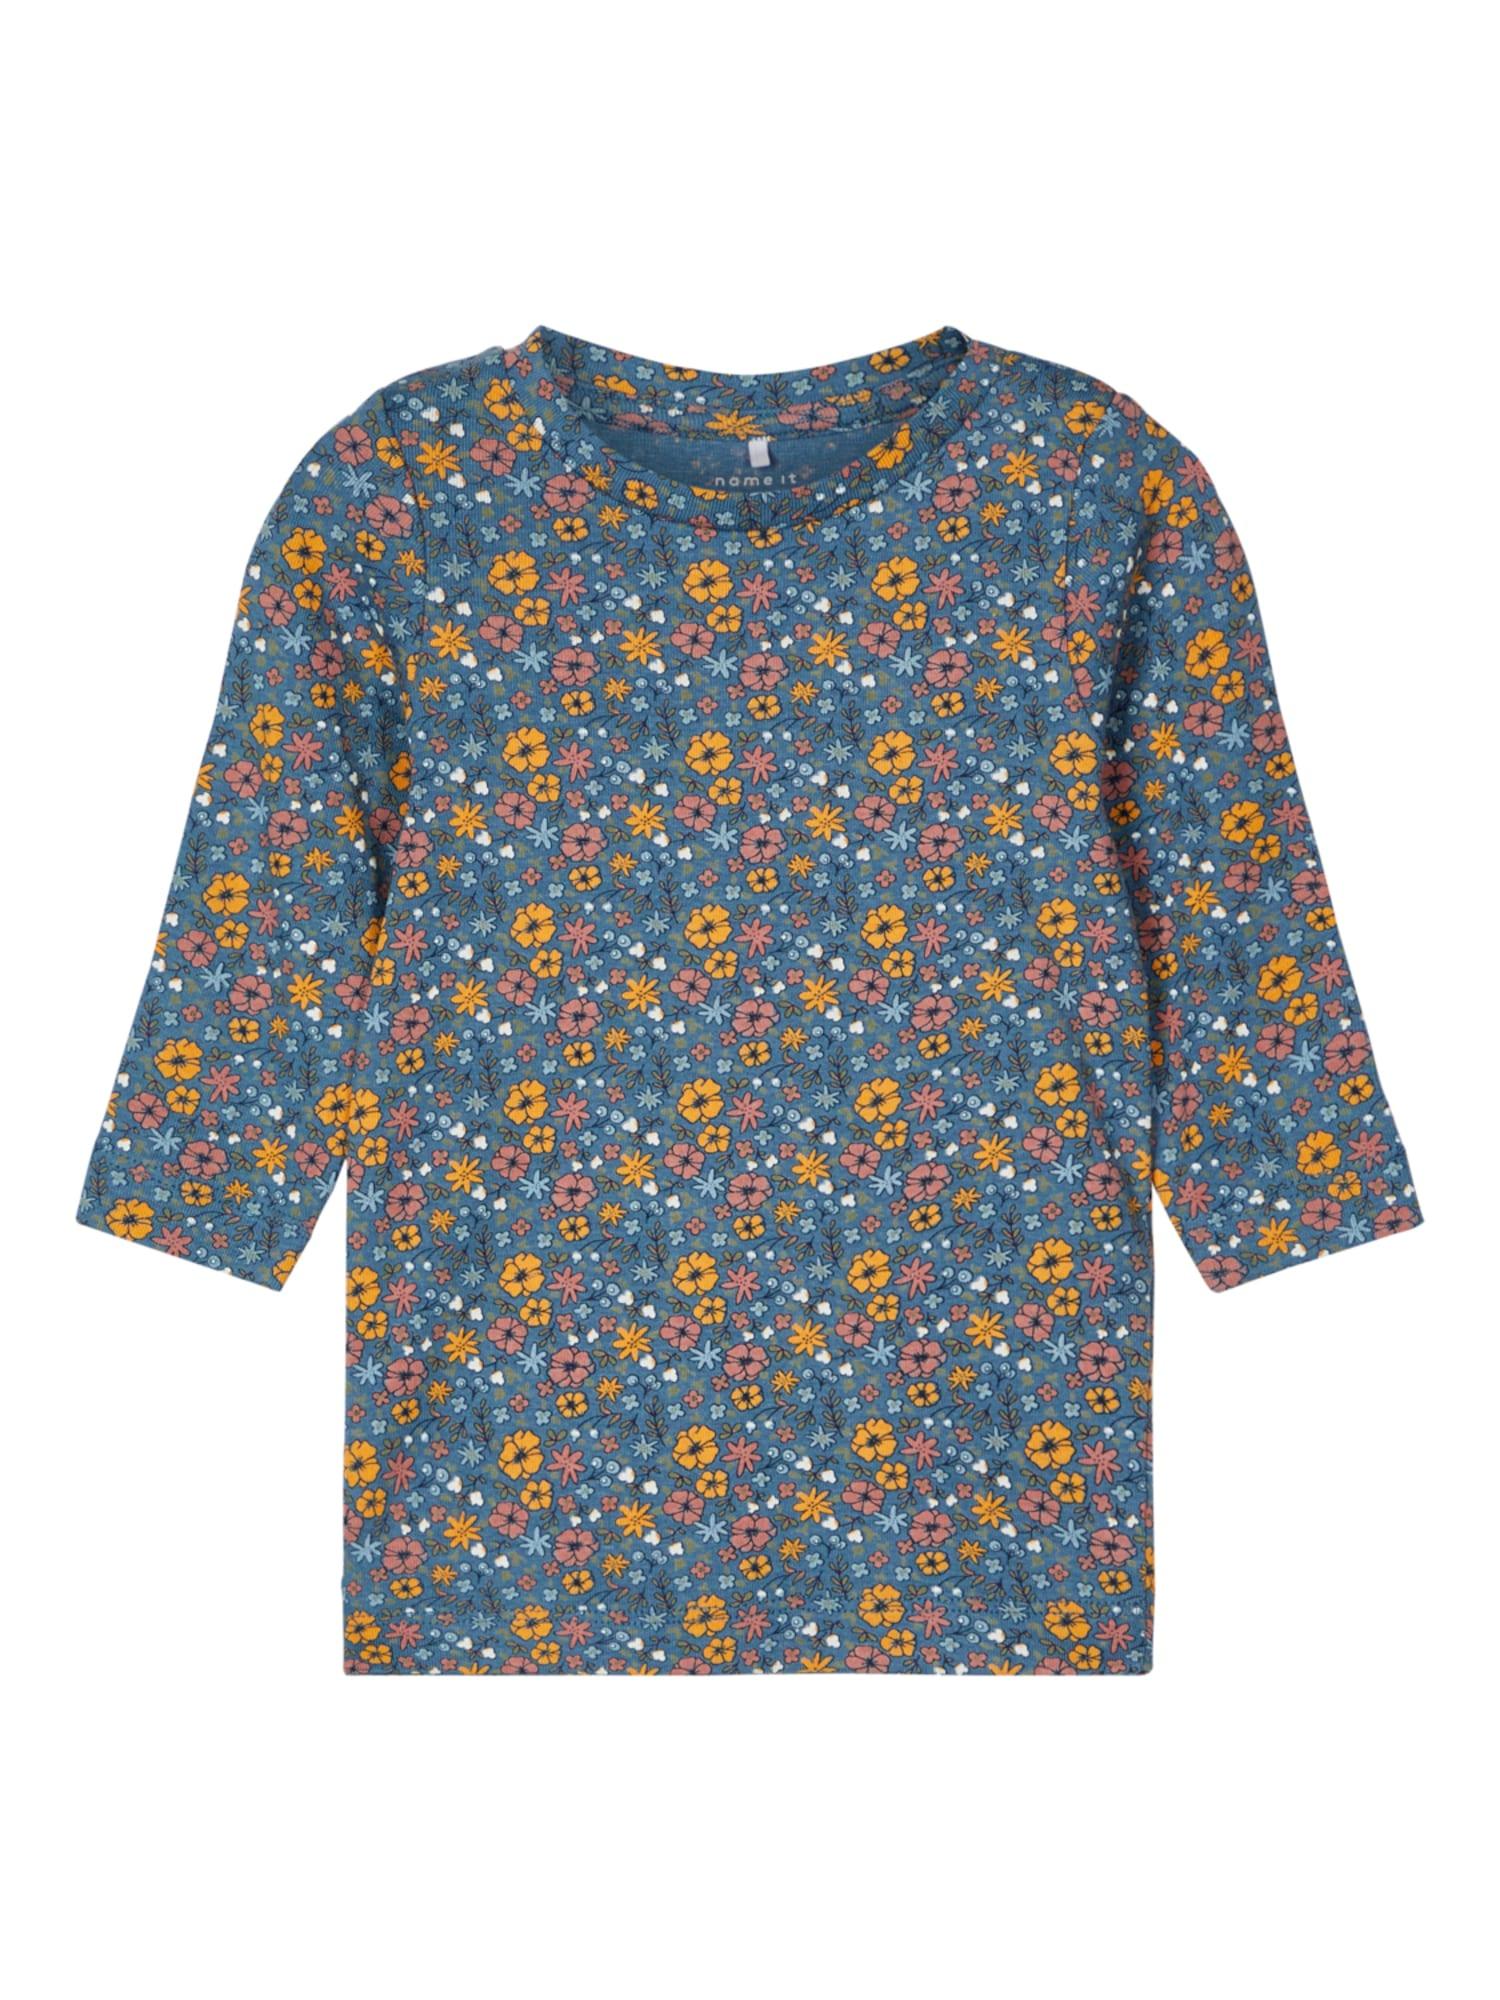 NAME IT Marškinėliai mišrios spalvos / mėlyna